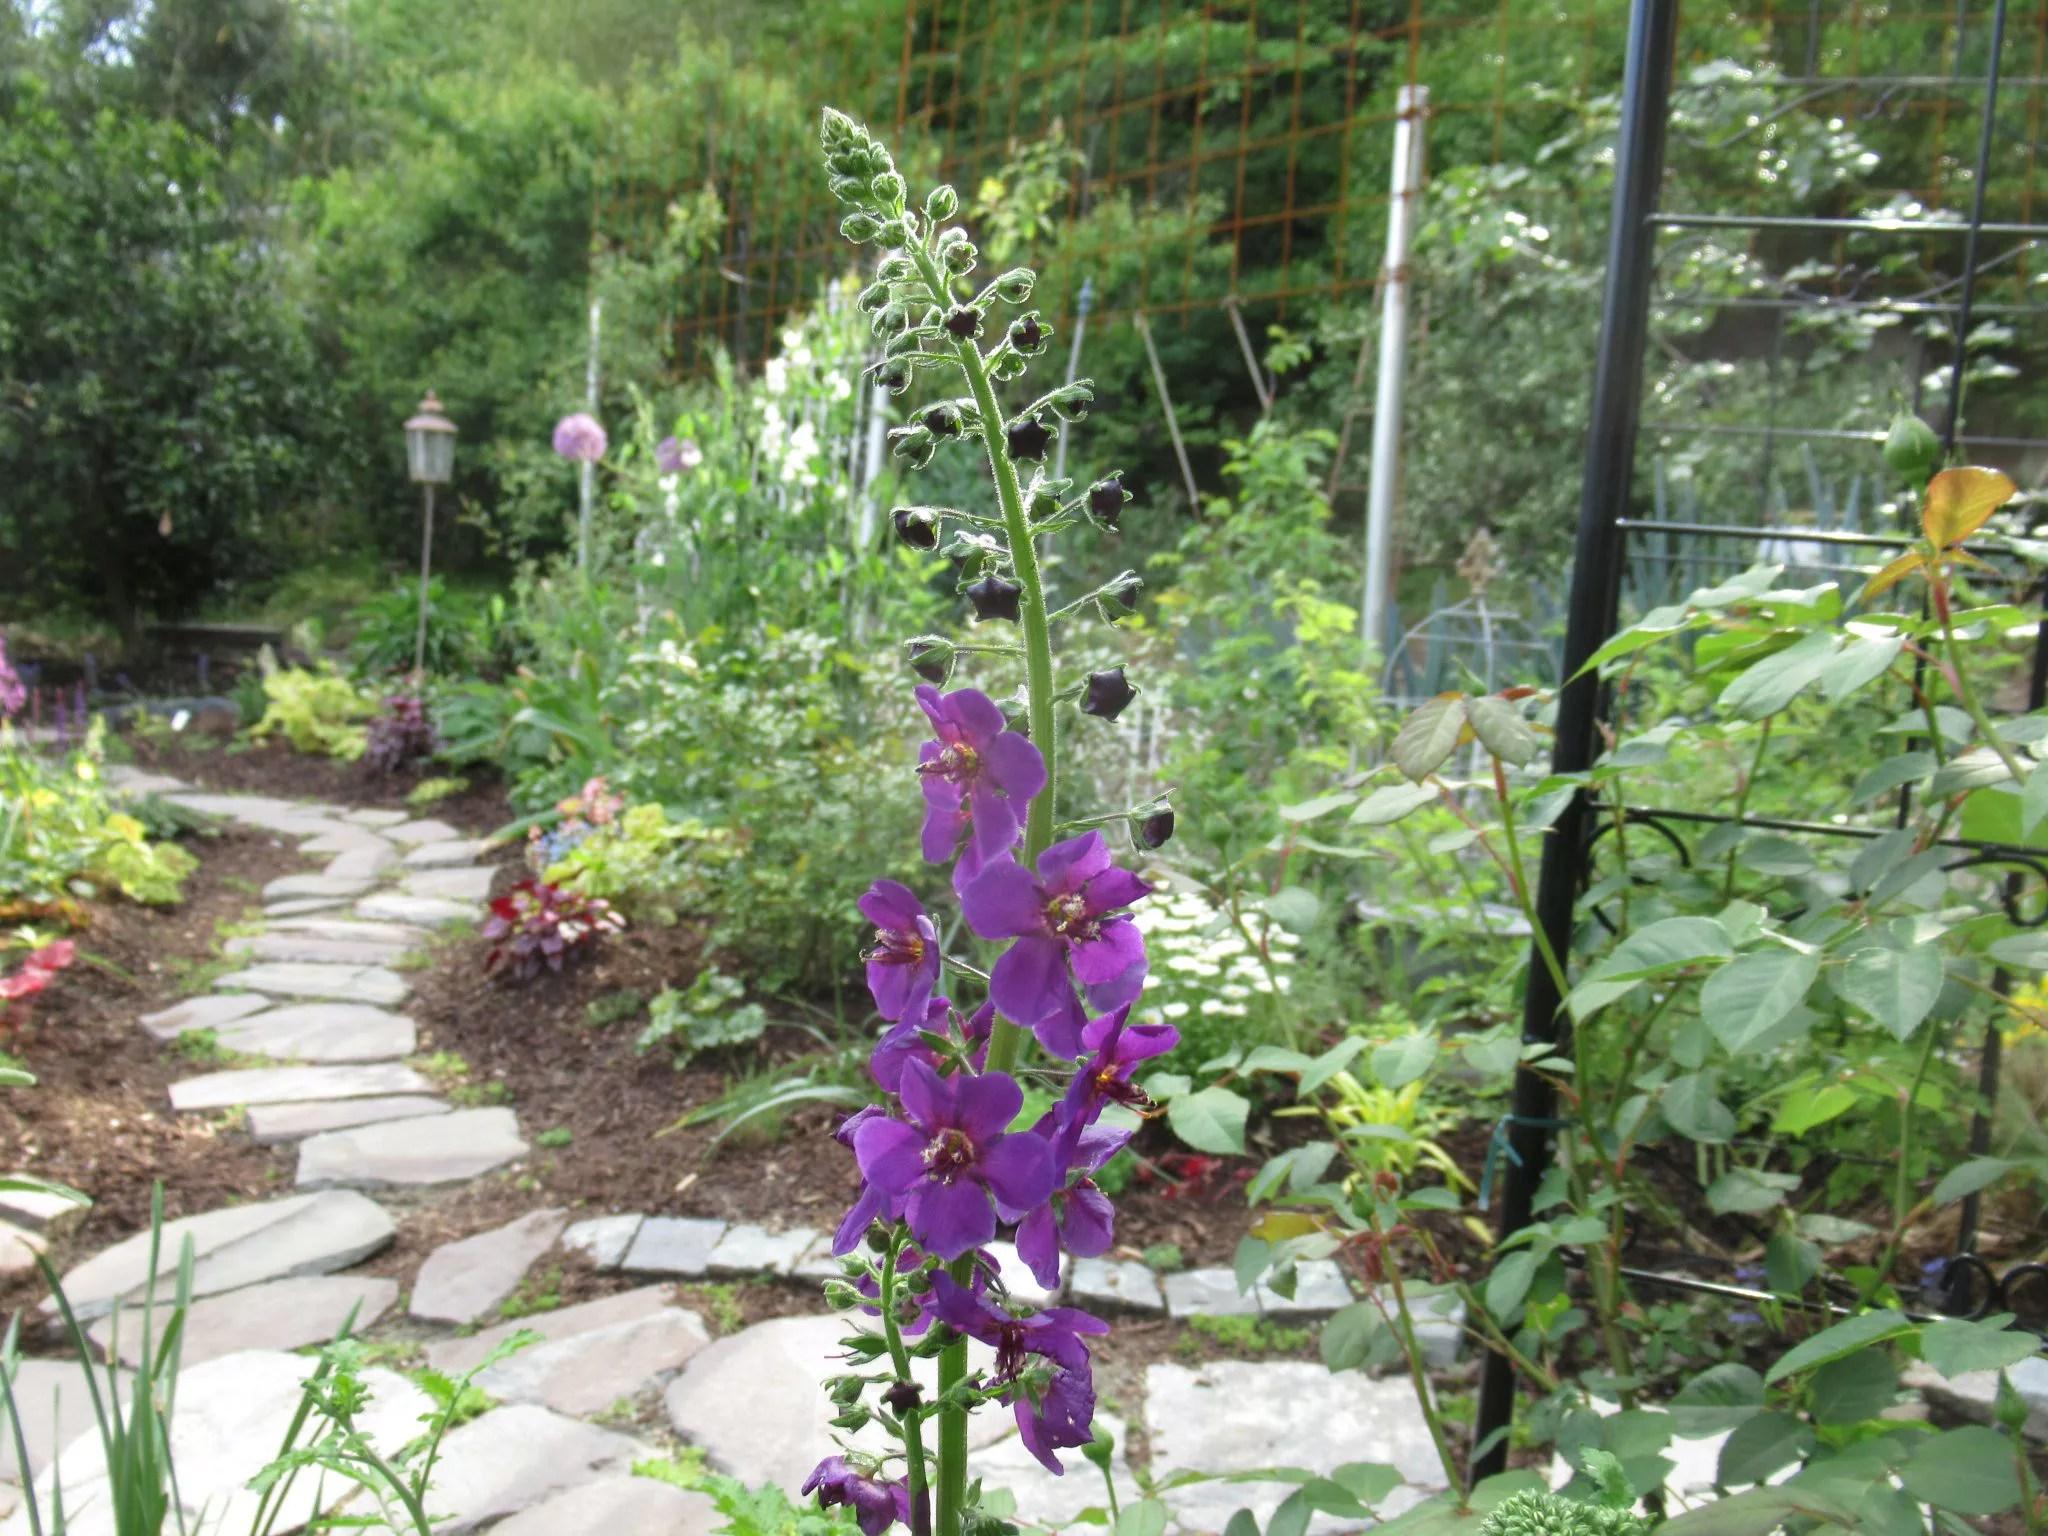 紫色の花のバーバスカム 、ビオレッタです。